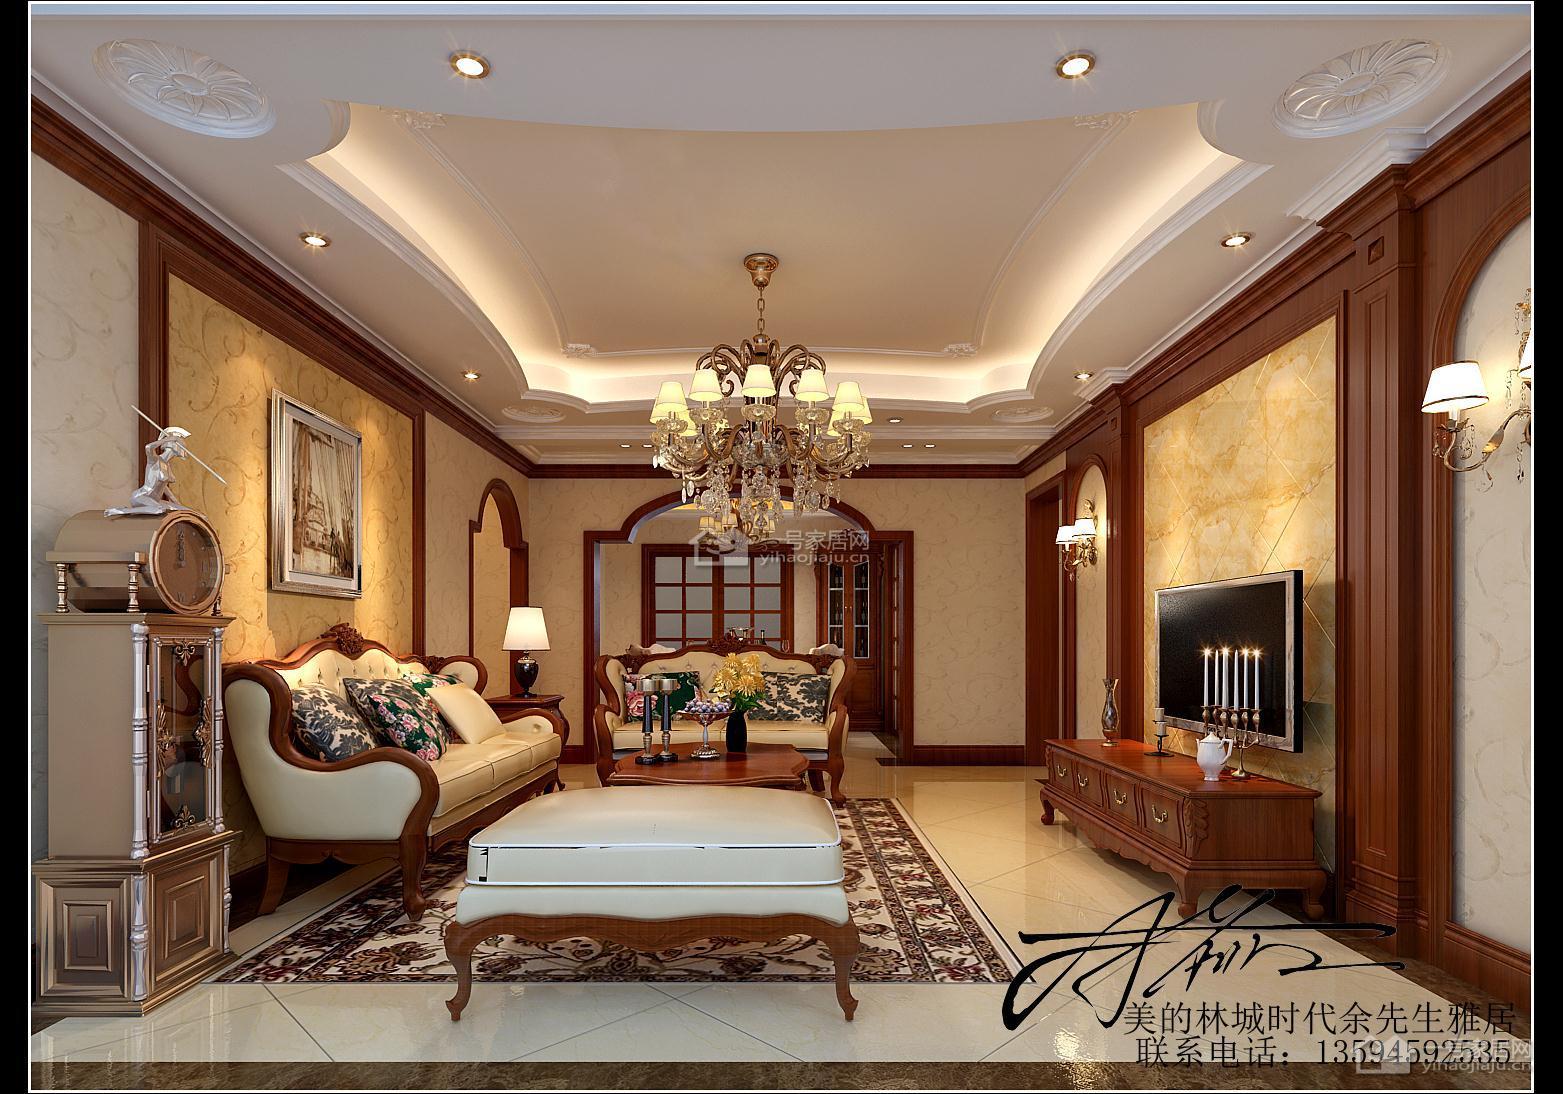 客厅吊顶打破传统的直线边吊.